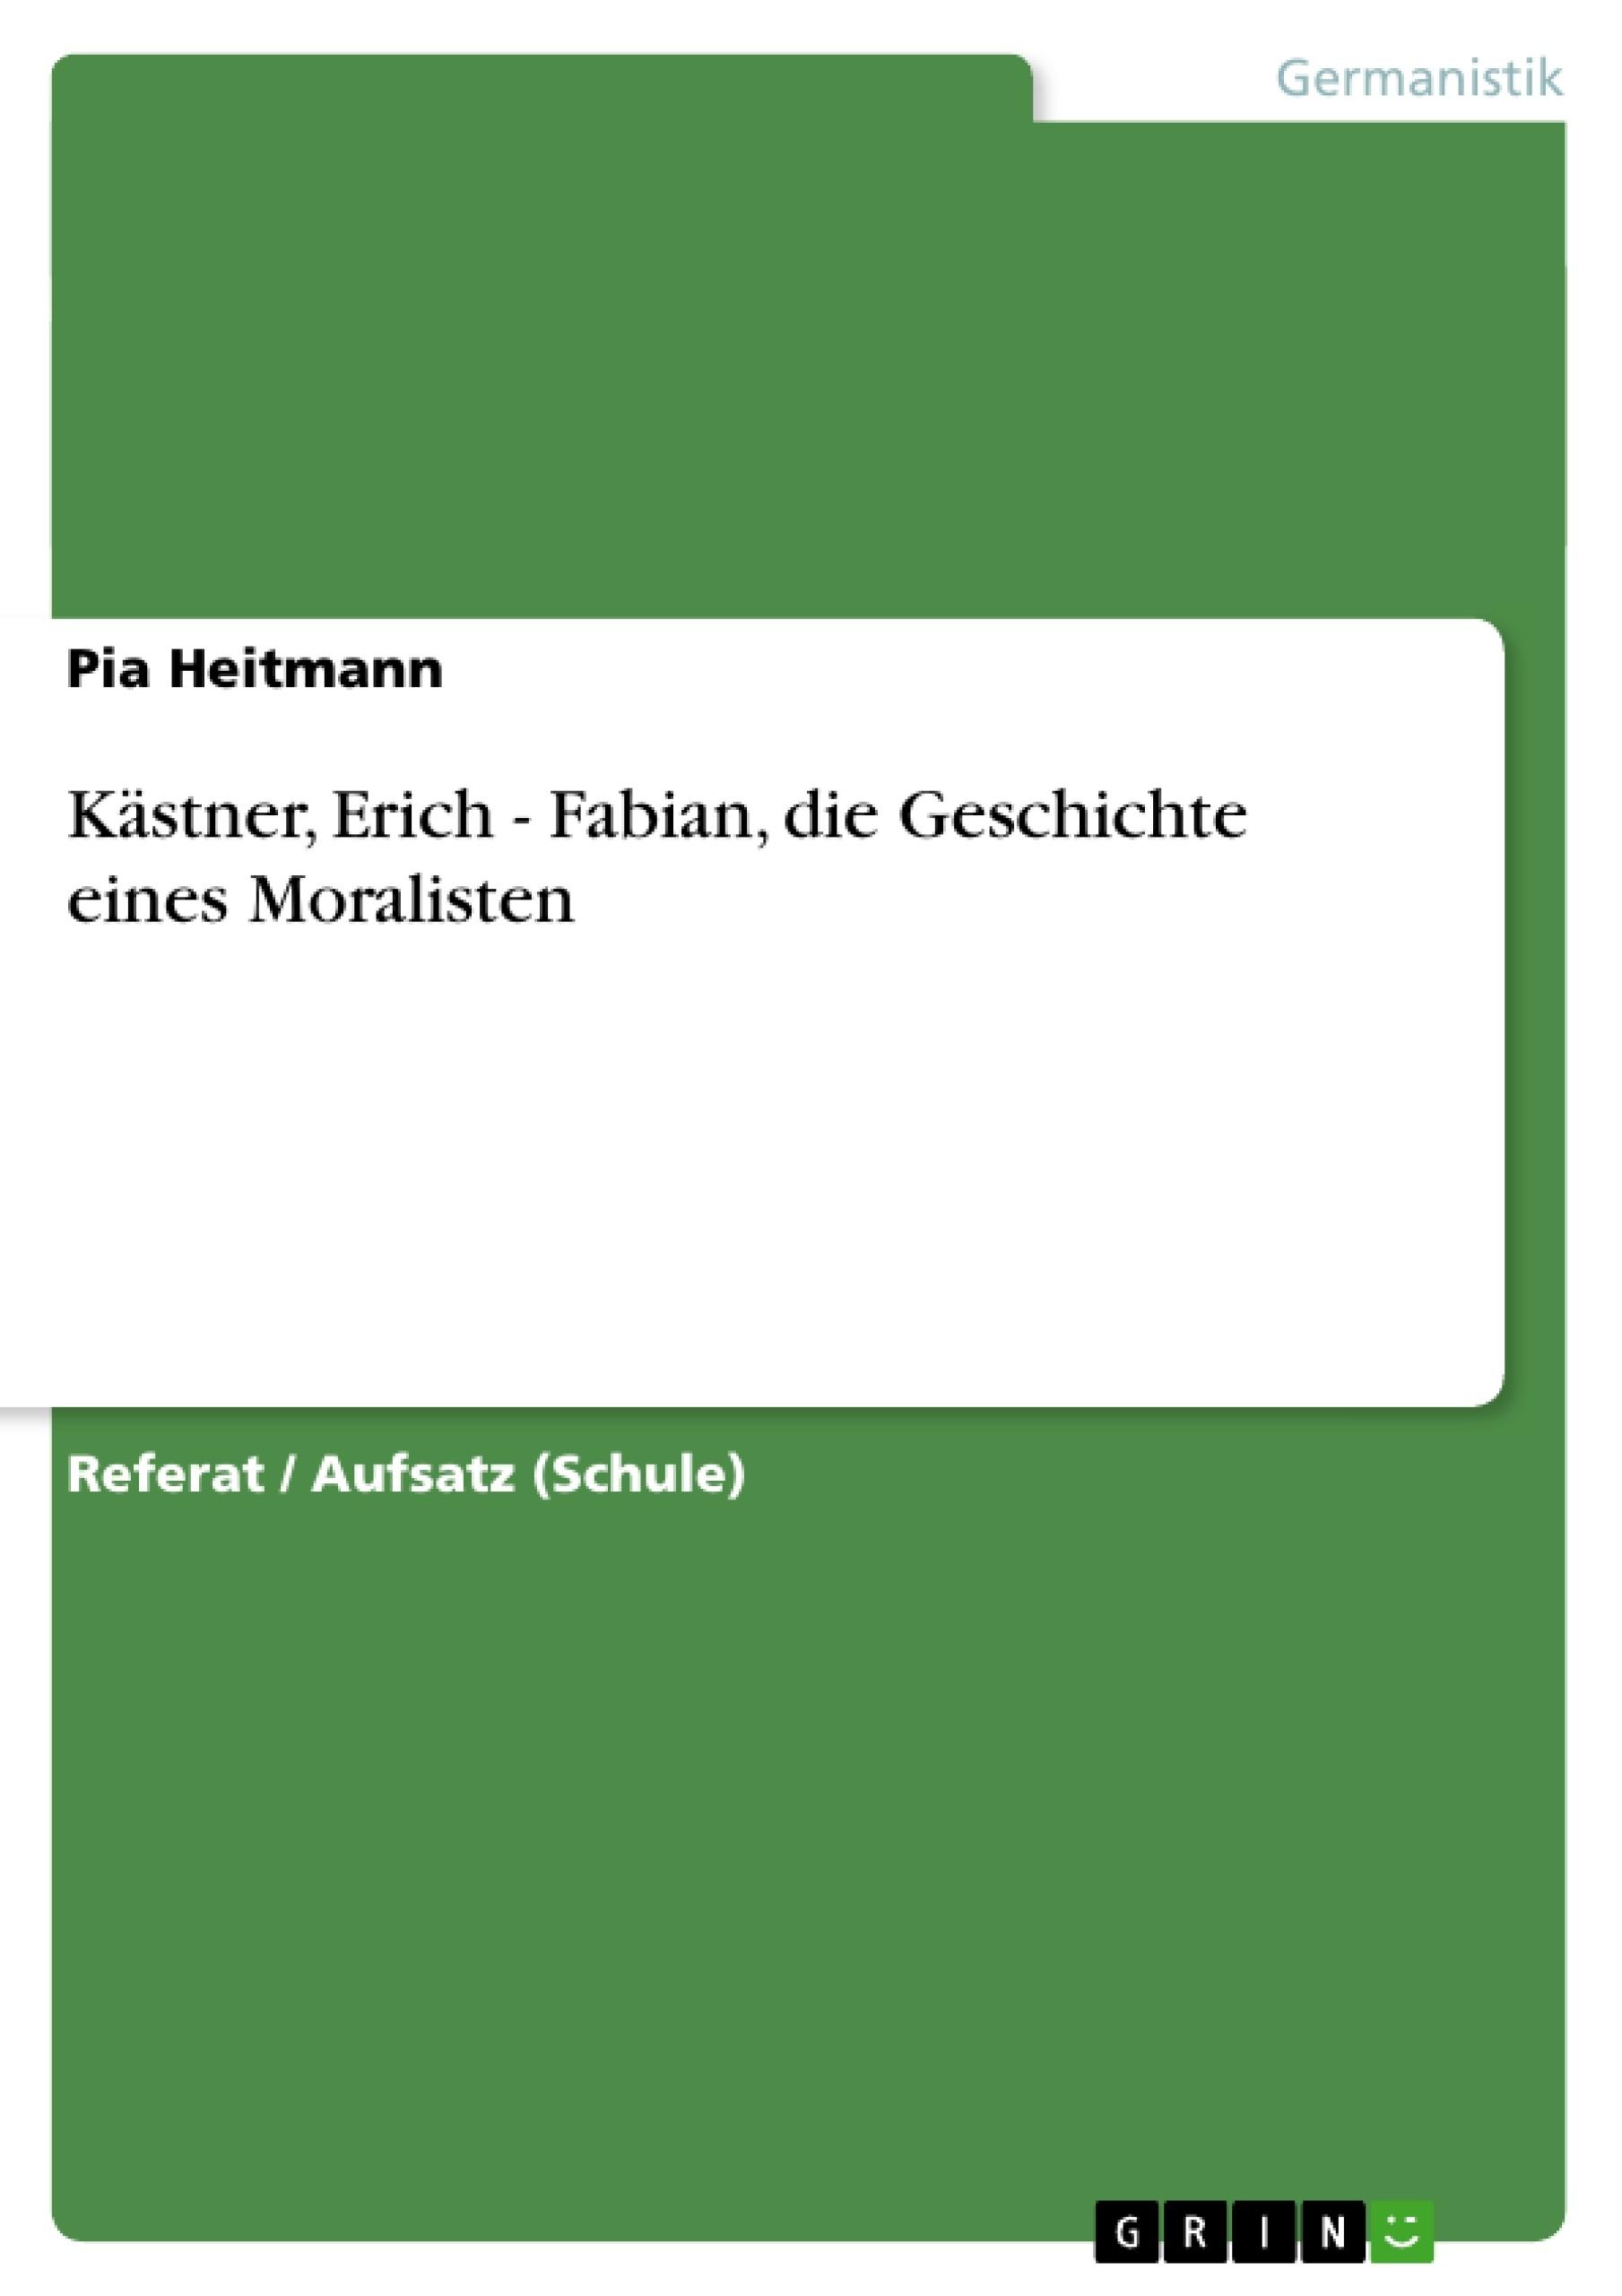 Titel: Kästner, Erich - Fabian, die Geschichte eines Moralisten